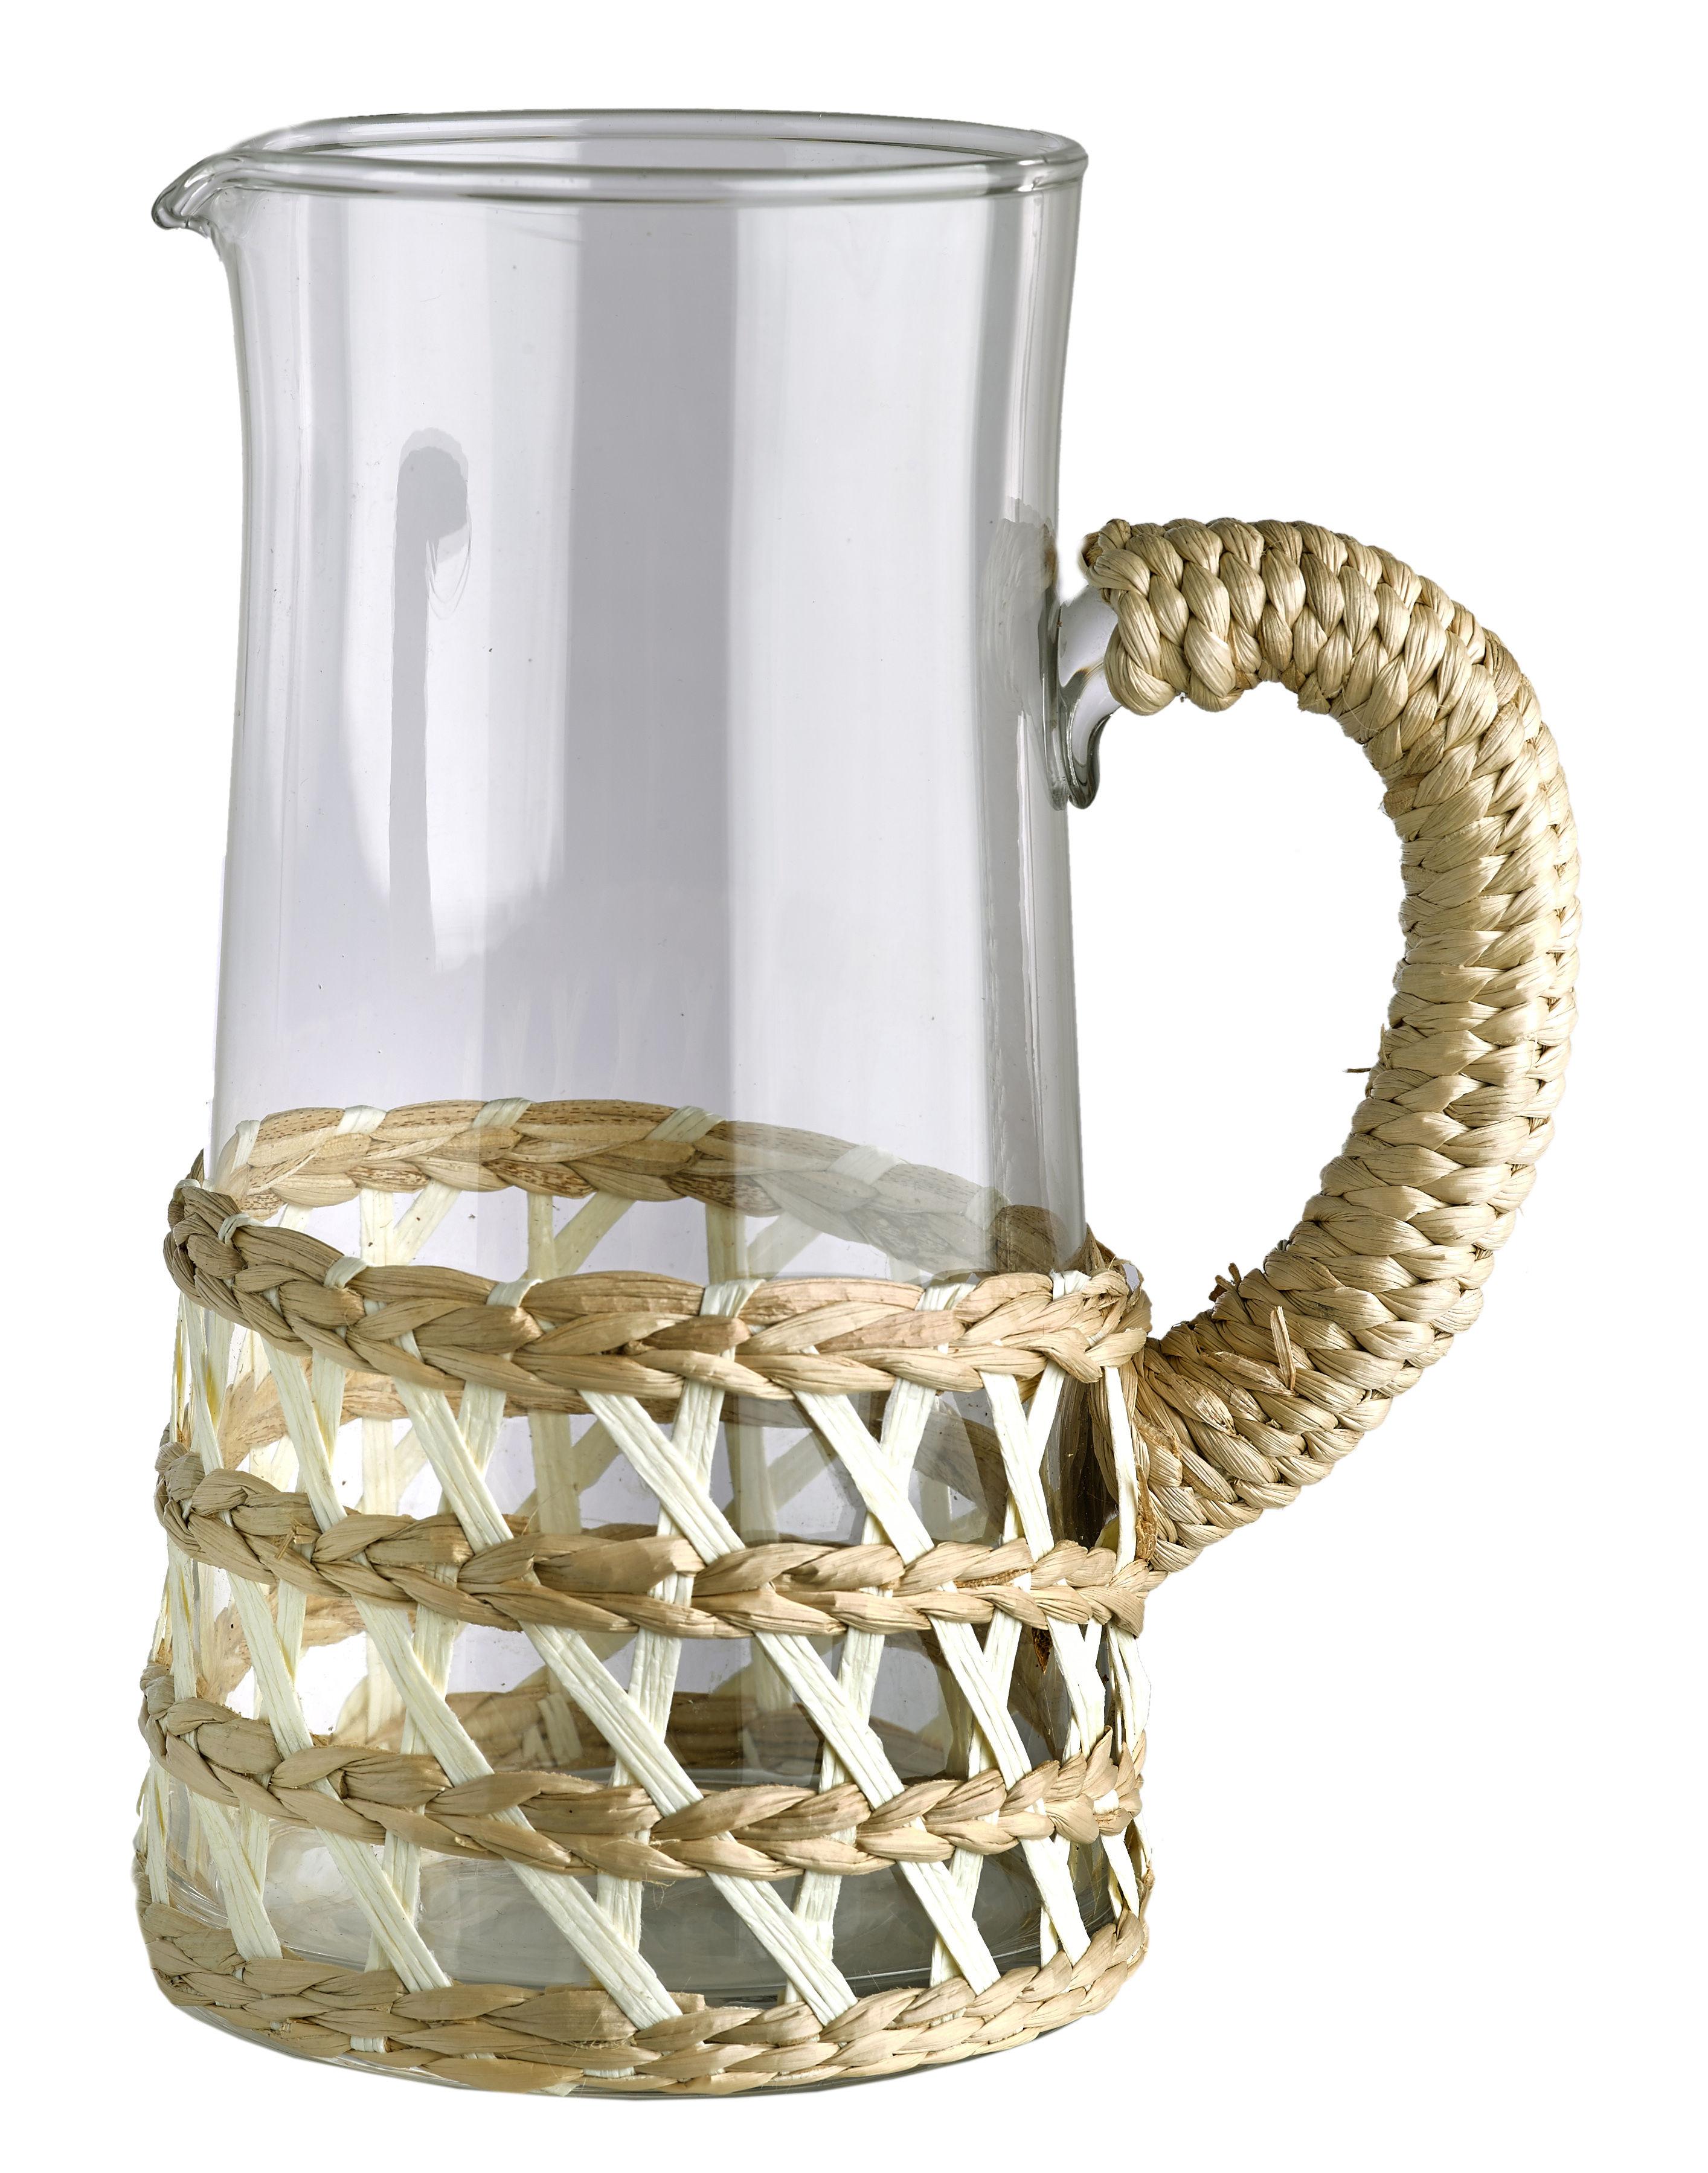 Arts de la table - Carafes et décanteurs - Carafe Reed / Verre & Osier - Pols Potten - Osier naturel & transparent - Osier, Verre